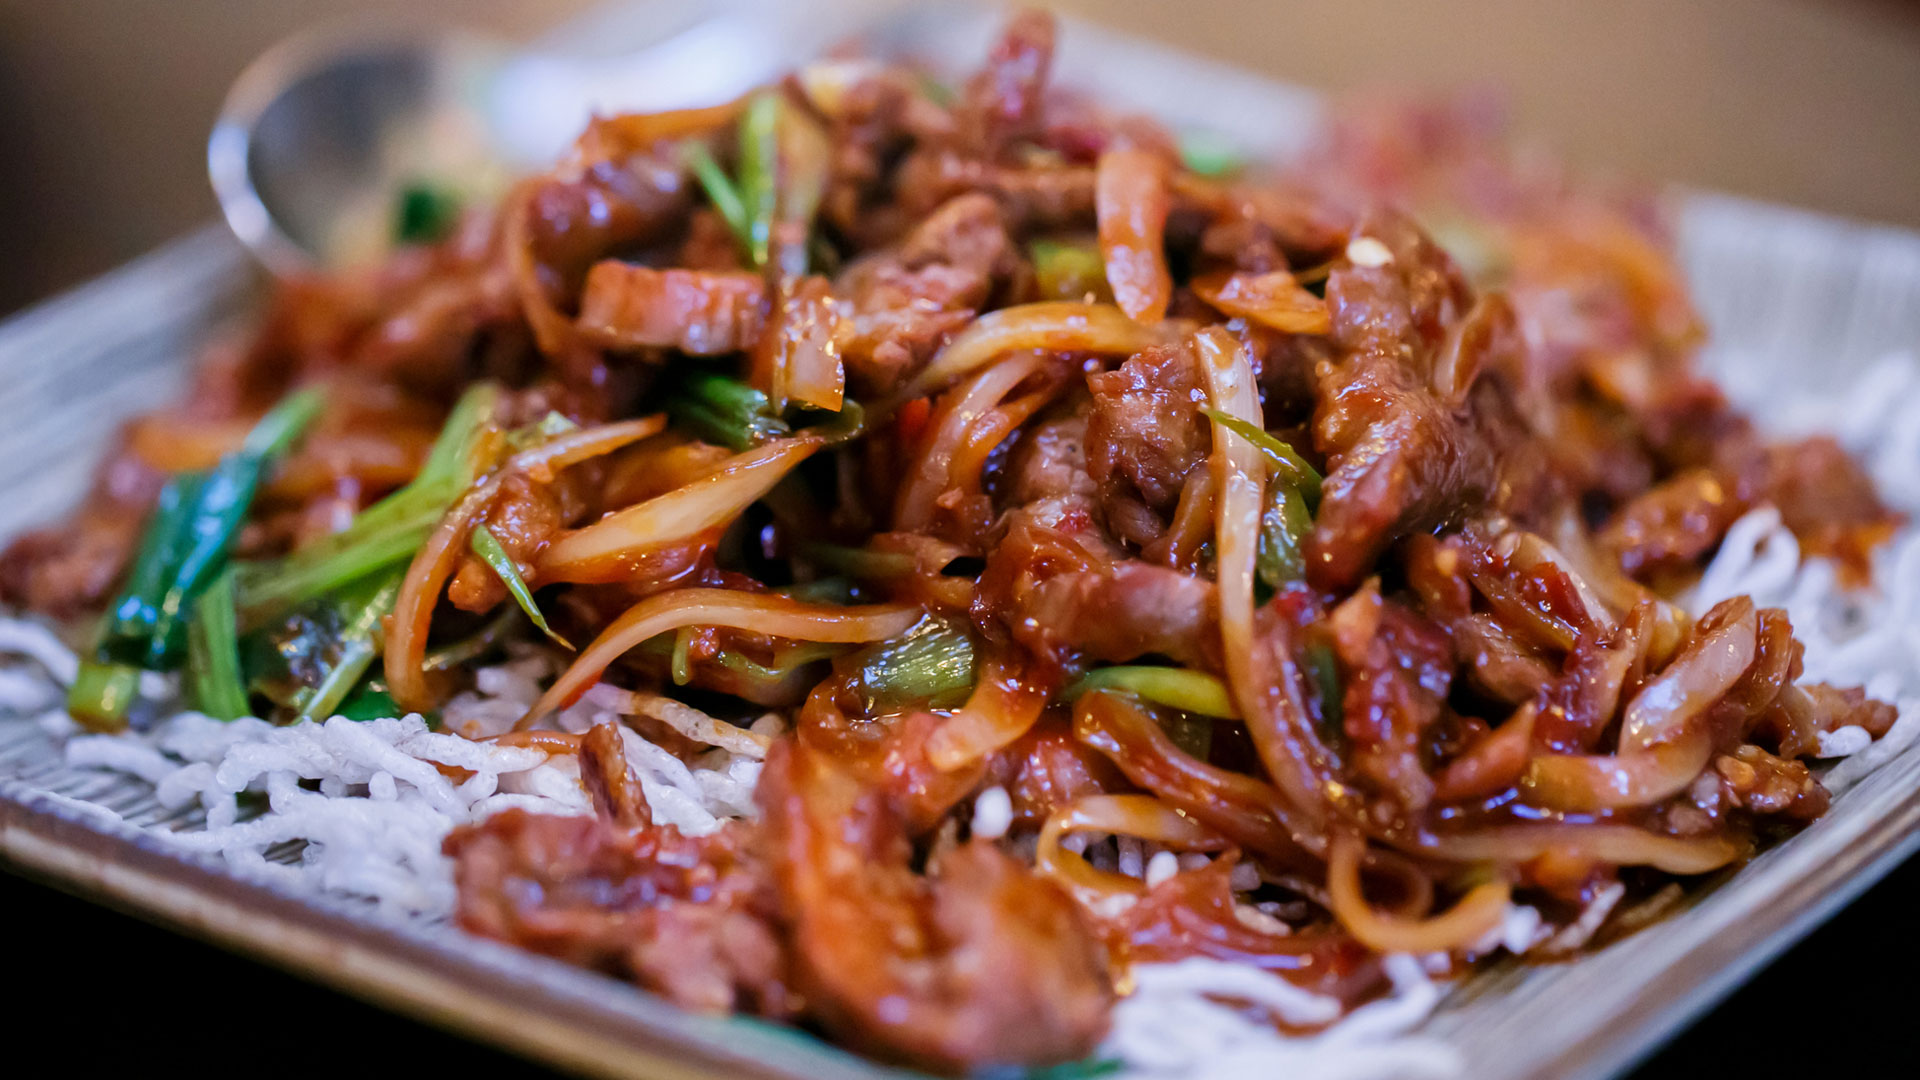 En 2017, la República Popular China importó 688.000 toneladas de carne vacuna. Se espera que ese número superare el millón de toneladas en menos de 10 años.